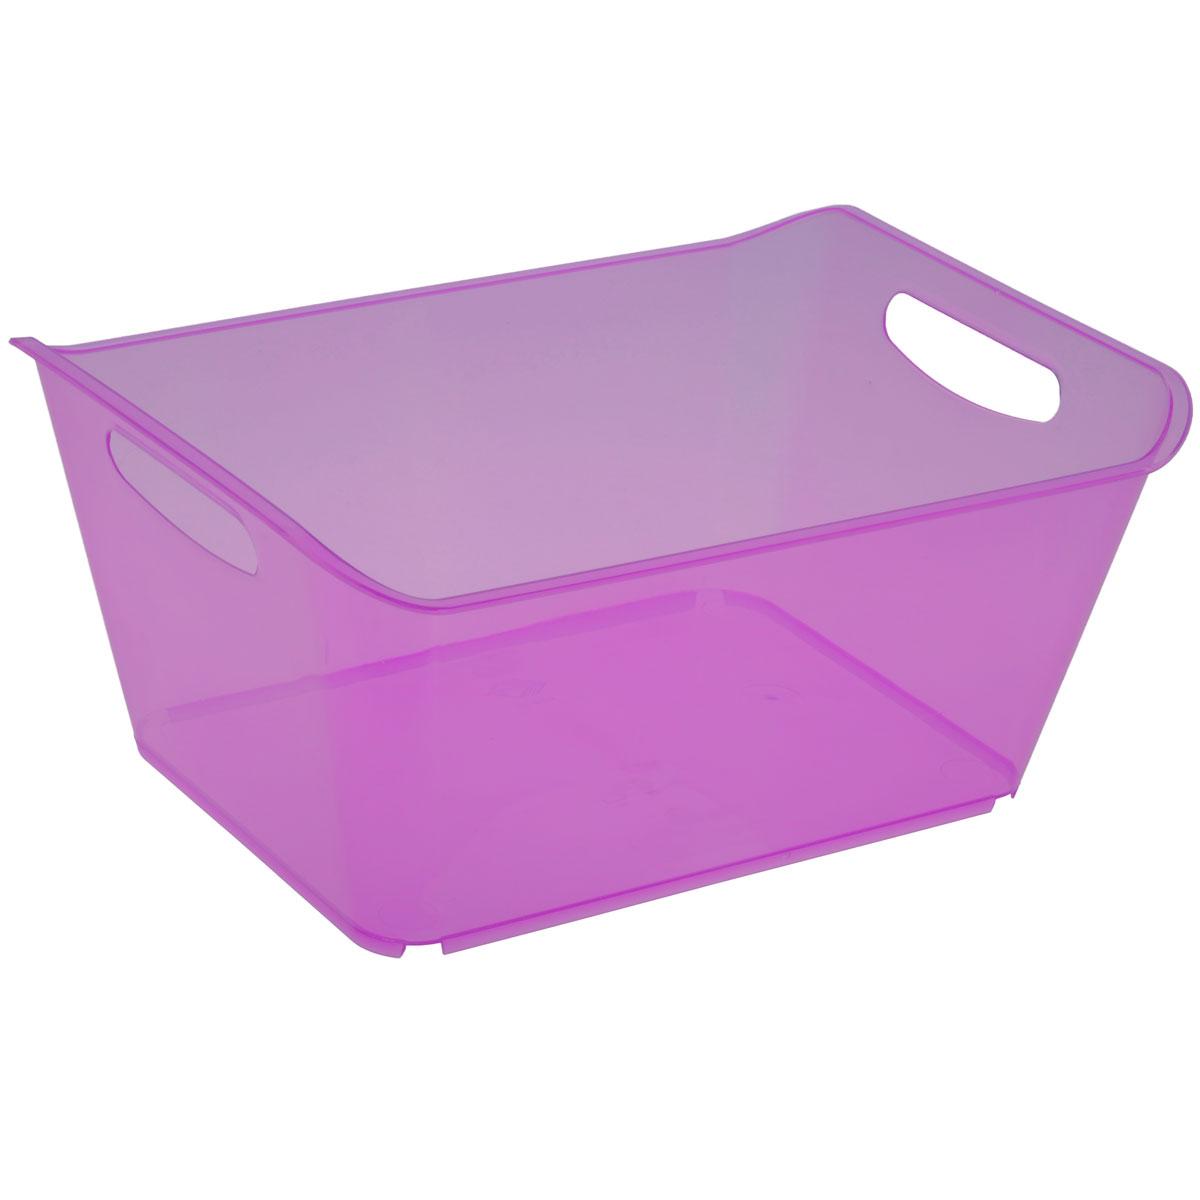 Контейнер Gensini, цвет: сиреневый, 18 лS03301004Контейнер Gensini выполнен из прочного пластика. Он предназначен для хранения различных мелких вещей в ванной, на кухне, даче или гараже, исключая возможность их потери. По бокам контейнера предусмотрены две удобные ручки для его переноски.Контейнер поможет хранить все в одном месте, а также защитить вещи от пыли, грязи и влаги. Объем: 18 л.